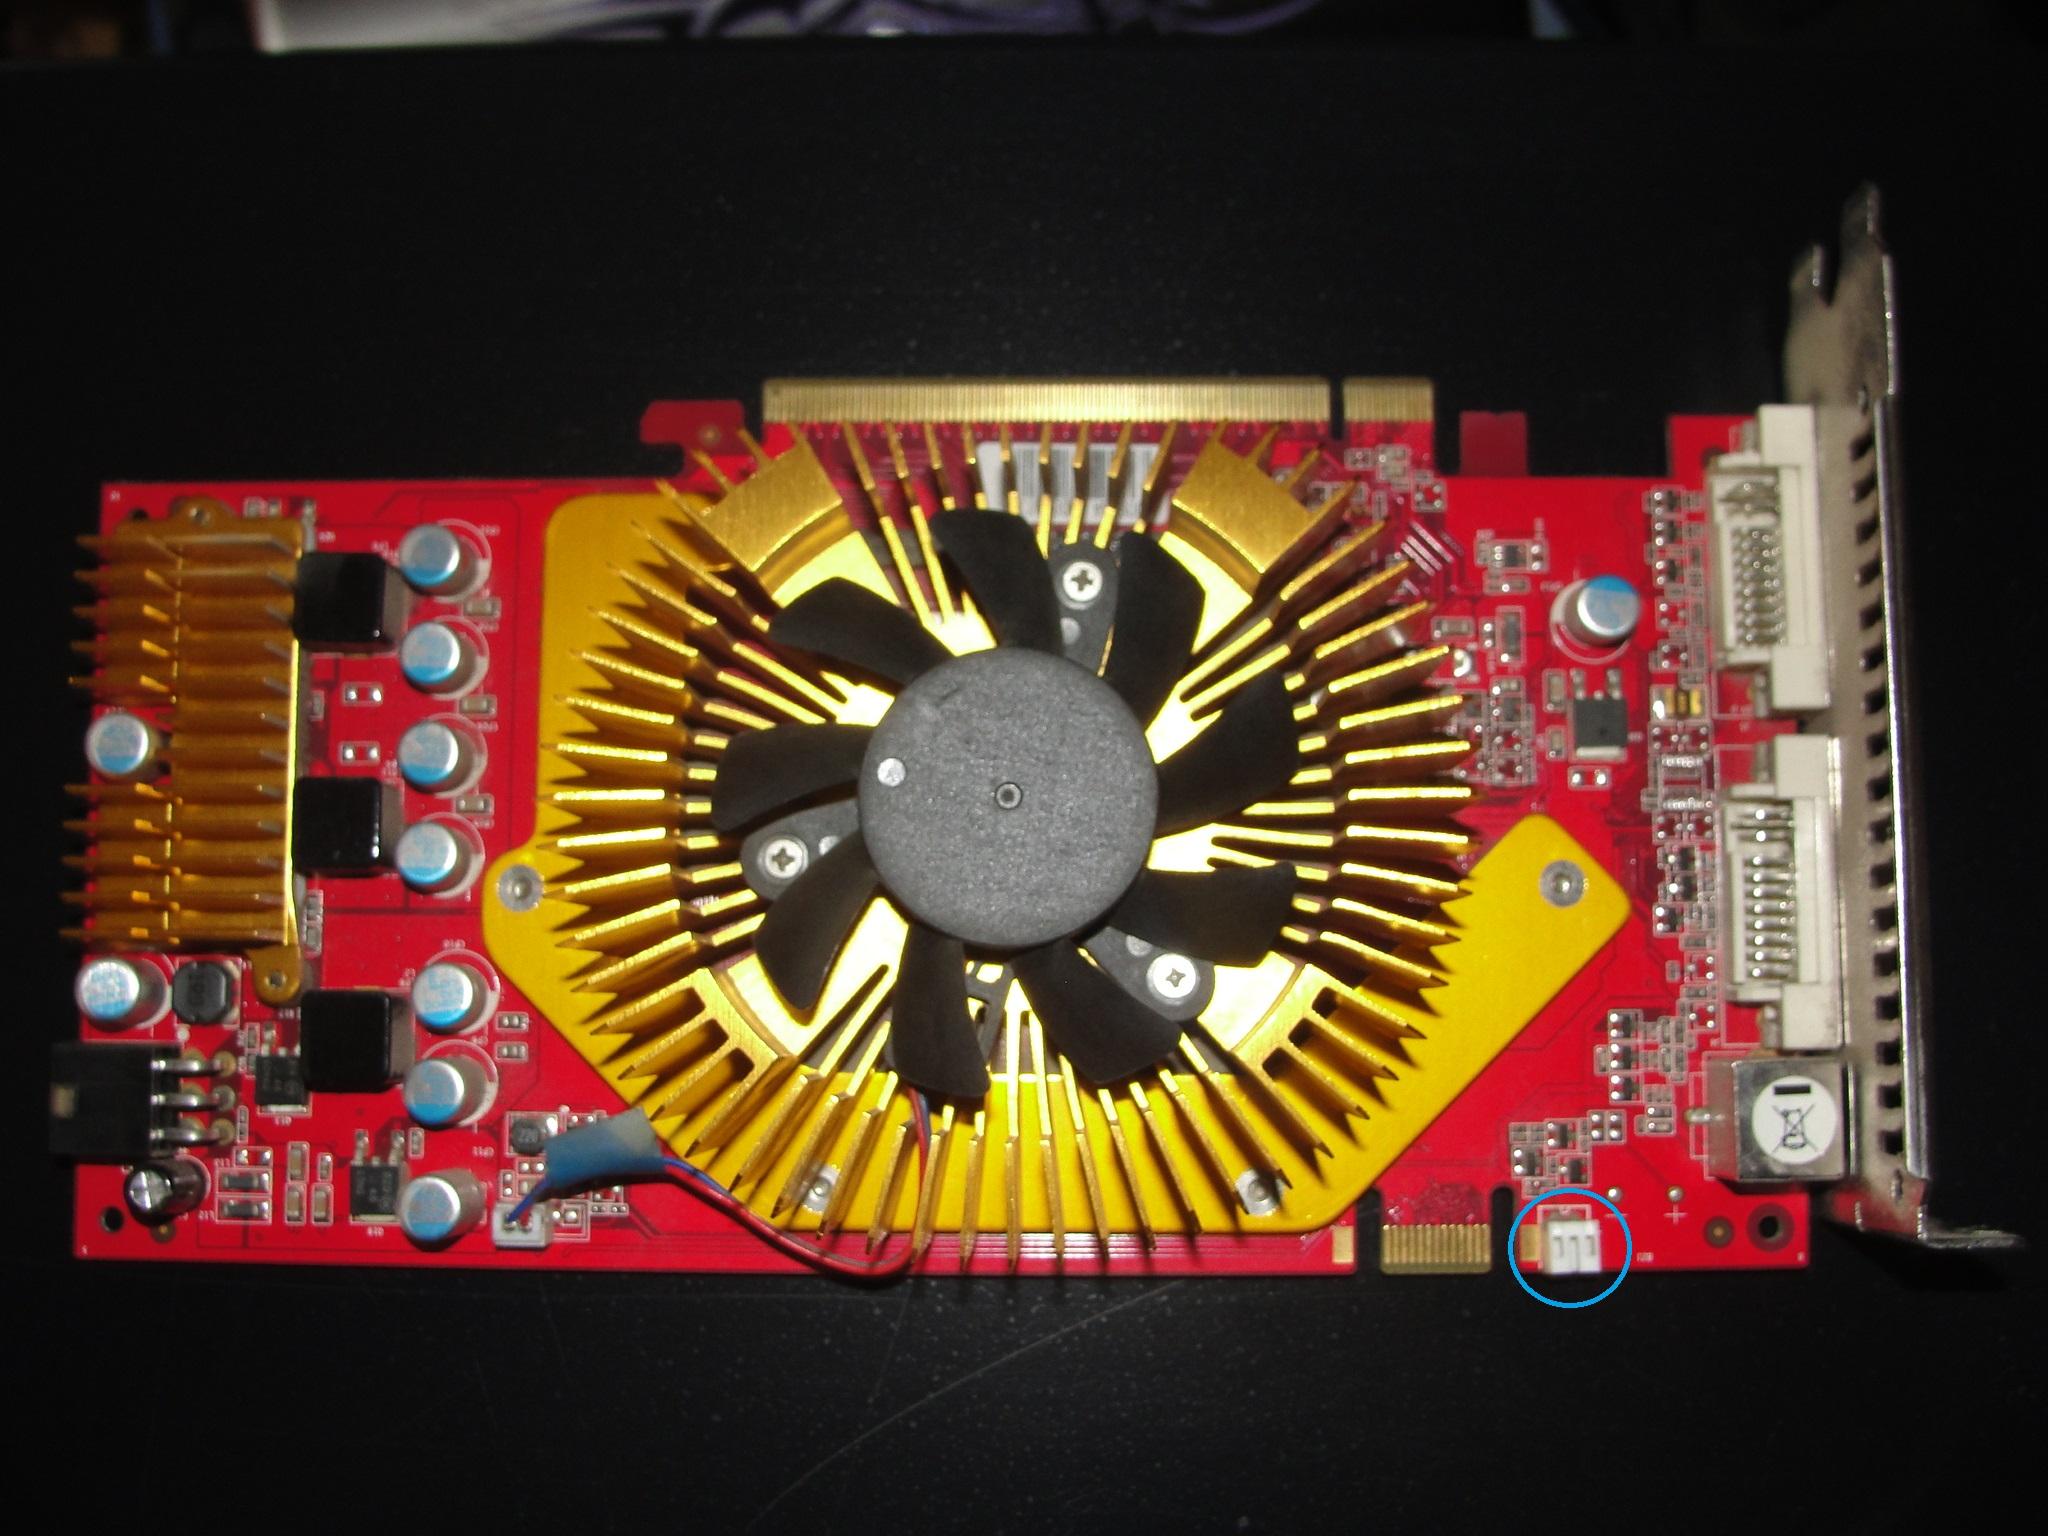 LG 37LH3000  - Brak d�wi�ku w TV przy pod�aczeniu go do PC kablem HDMI/DVI